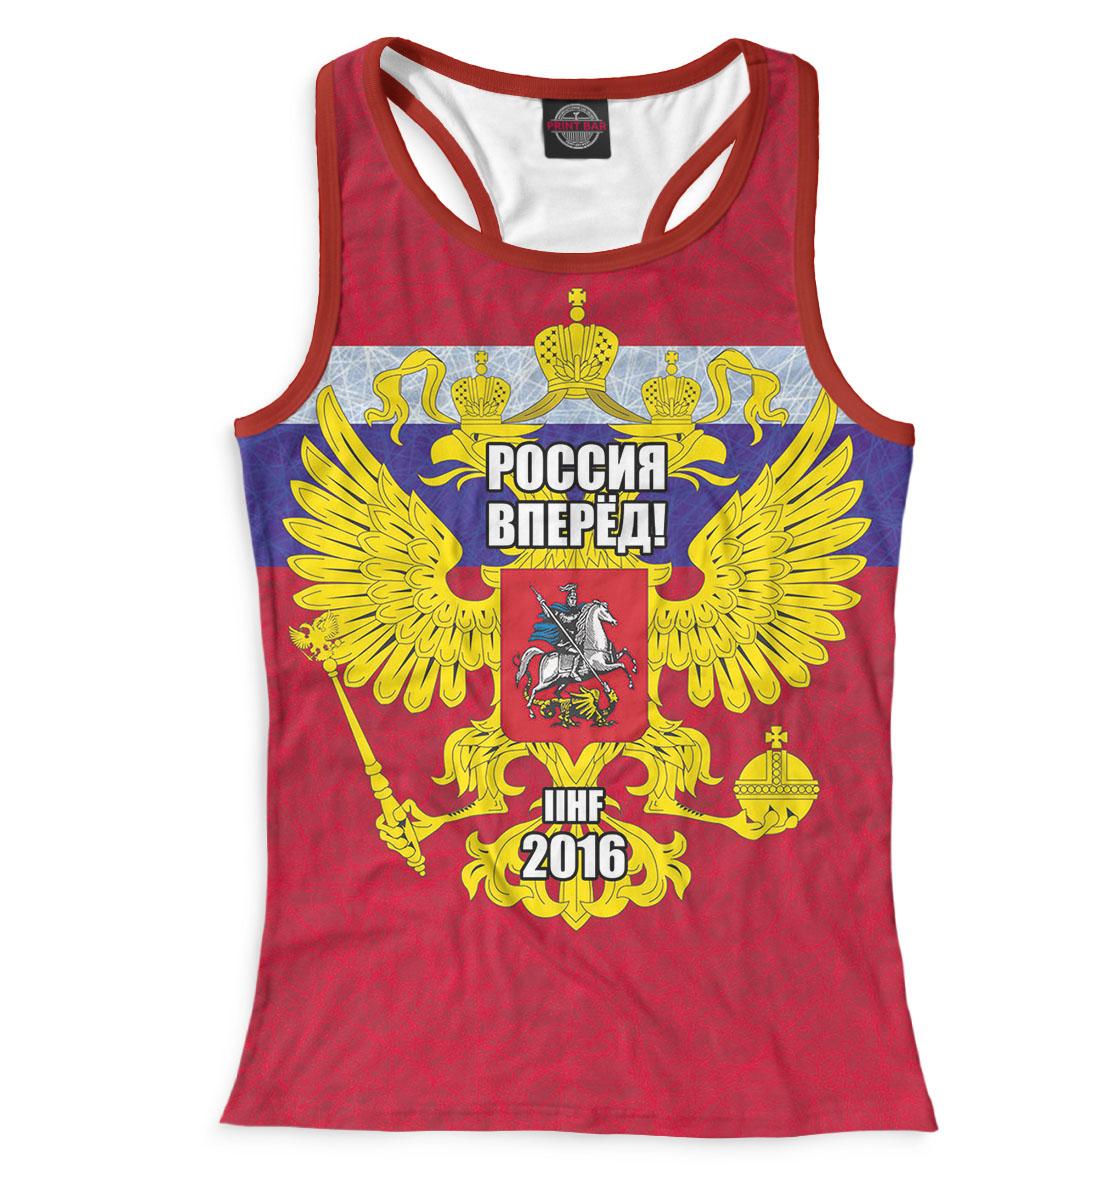 Купить Россия вперед!, Printbar, Майки борцовки, HOK-471232-mayb-1